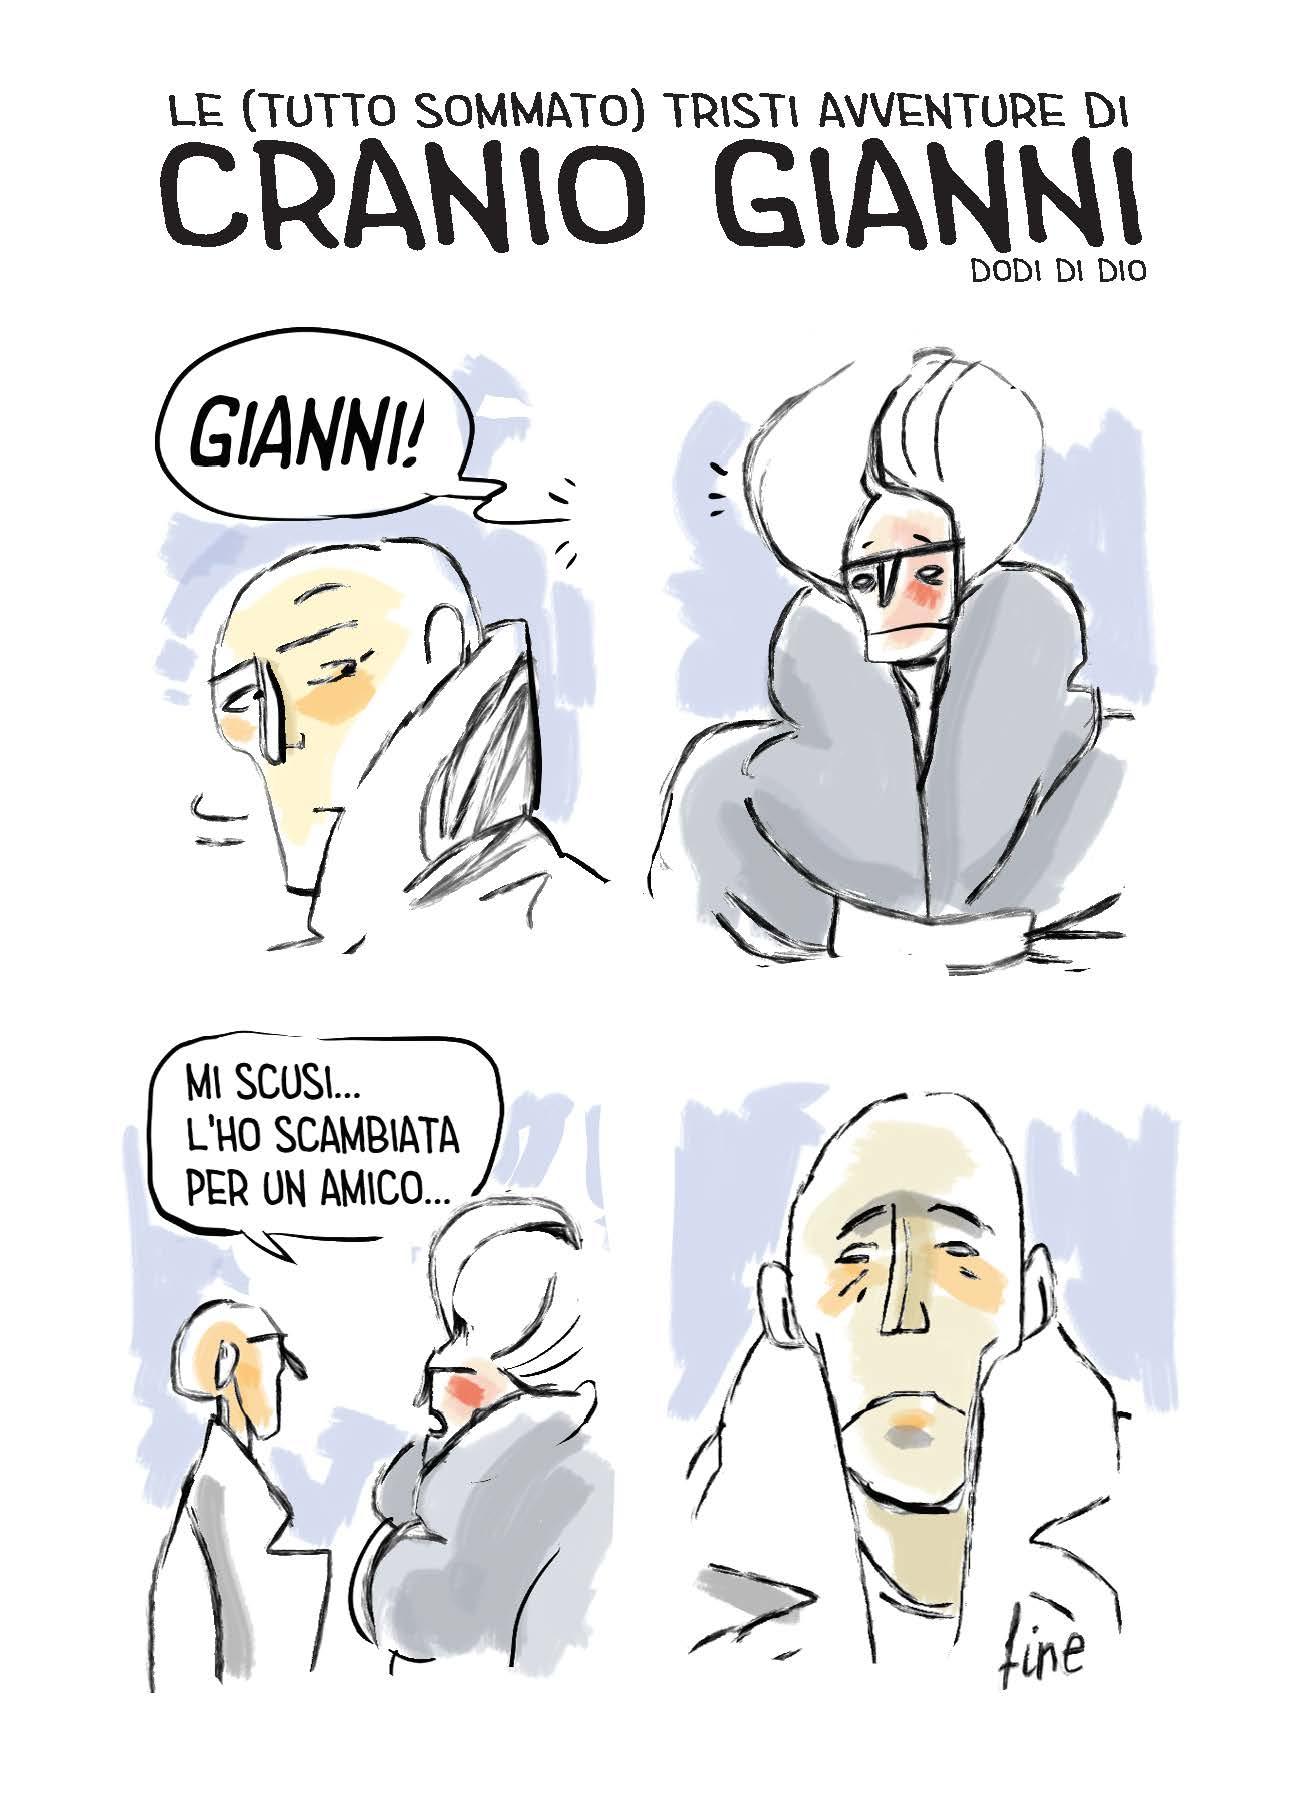 Cranio Gianni